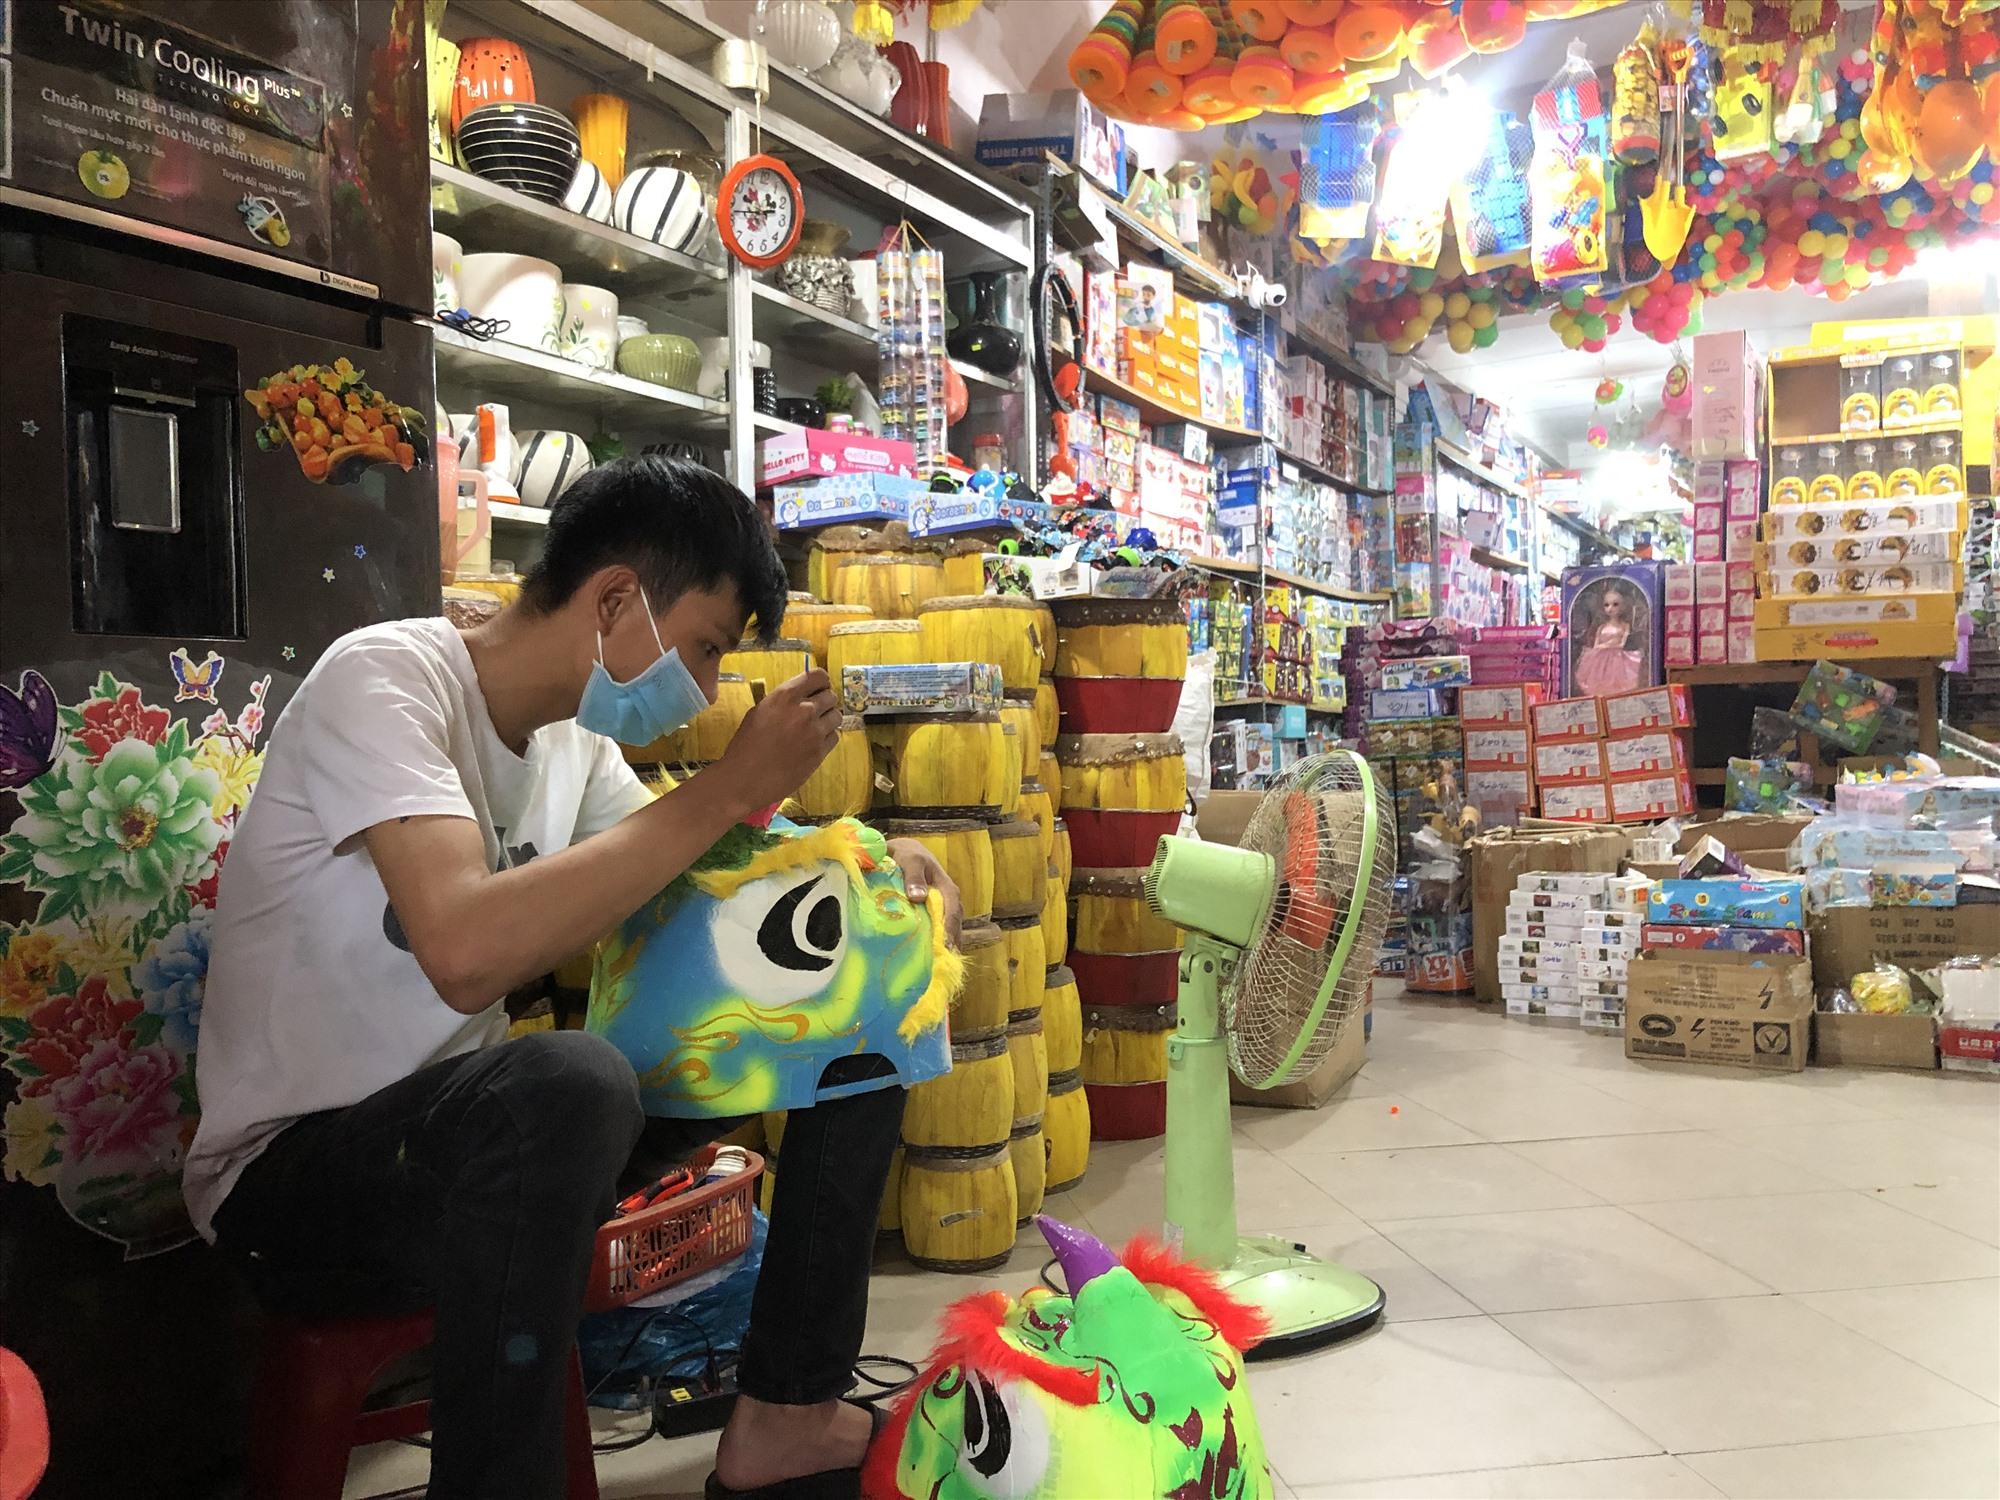 Cửa hàng Huy Hiền (đường Trần Cao Vân, TP. Tam Kỳ) chỉ nhập về những sản phẩm giá rẻ để phục vụ nhu cầu vui chơi tại nhà cho trẻ em. Ảnh: KL